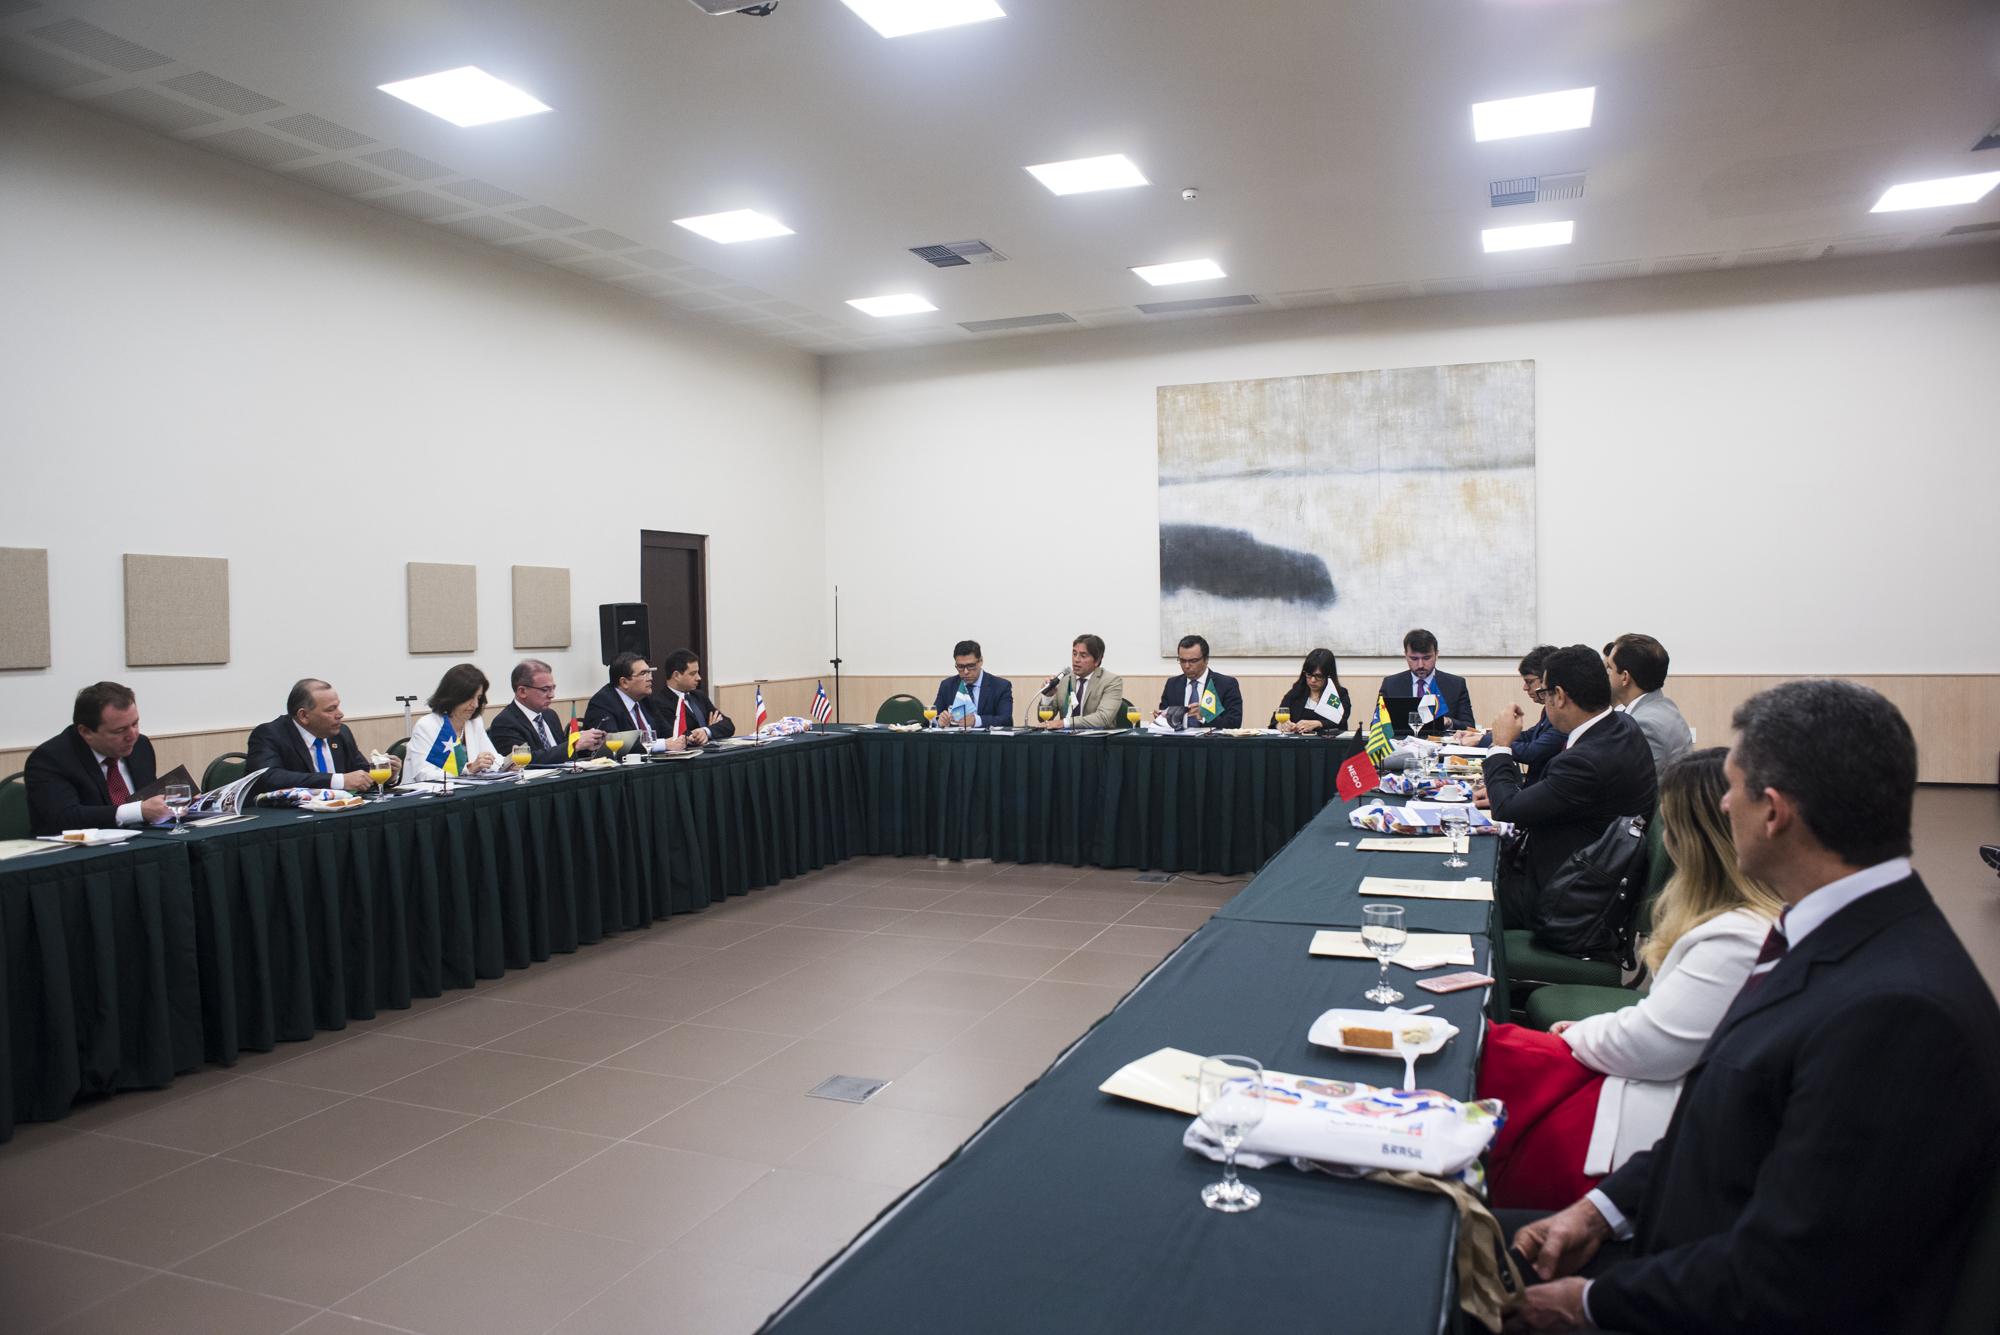 Procuradores-gerais do país debatem assuntos comuns em reunião